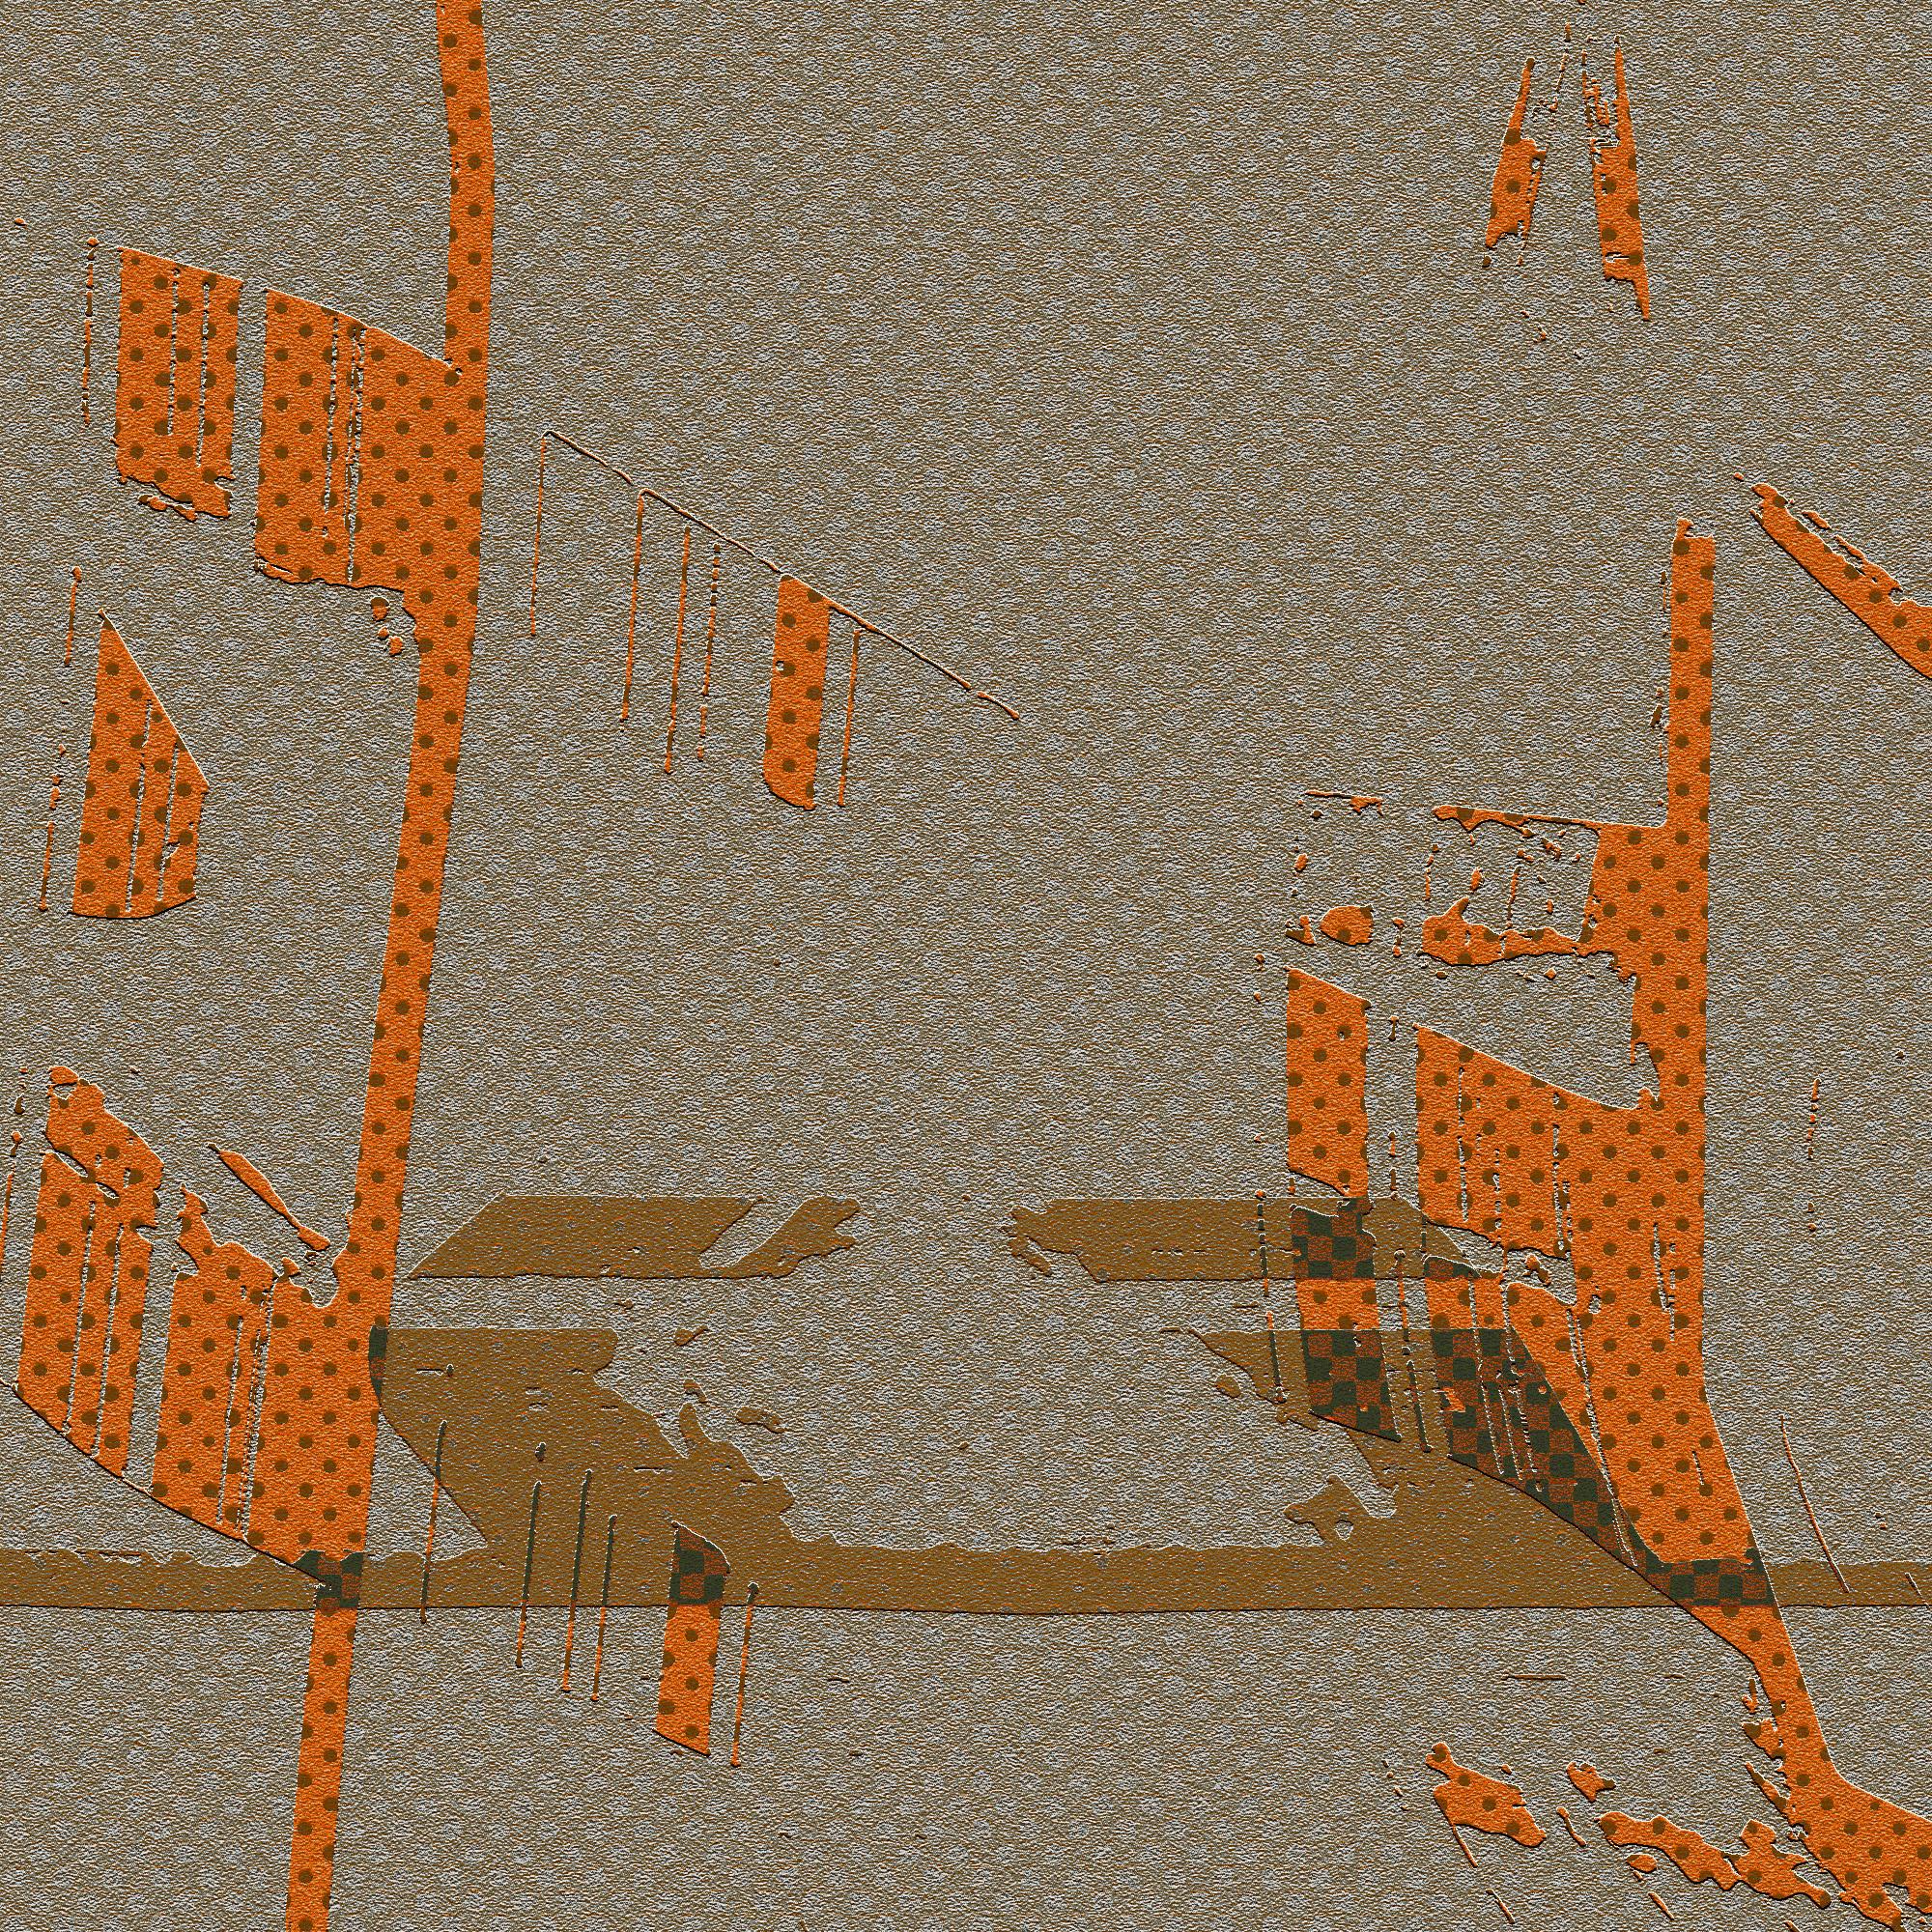 181031_Deaths_Mount_detail1.jpg